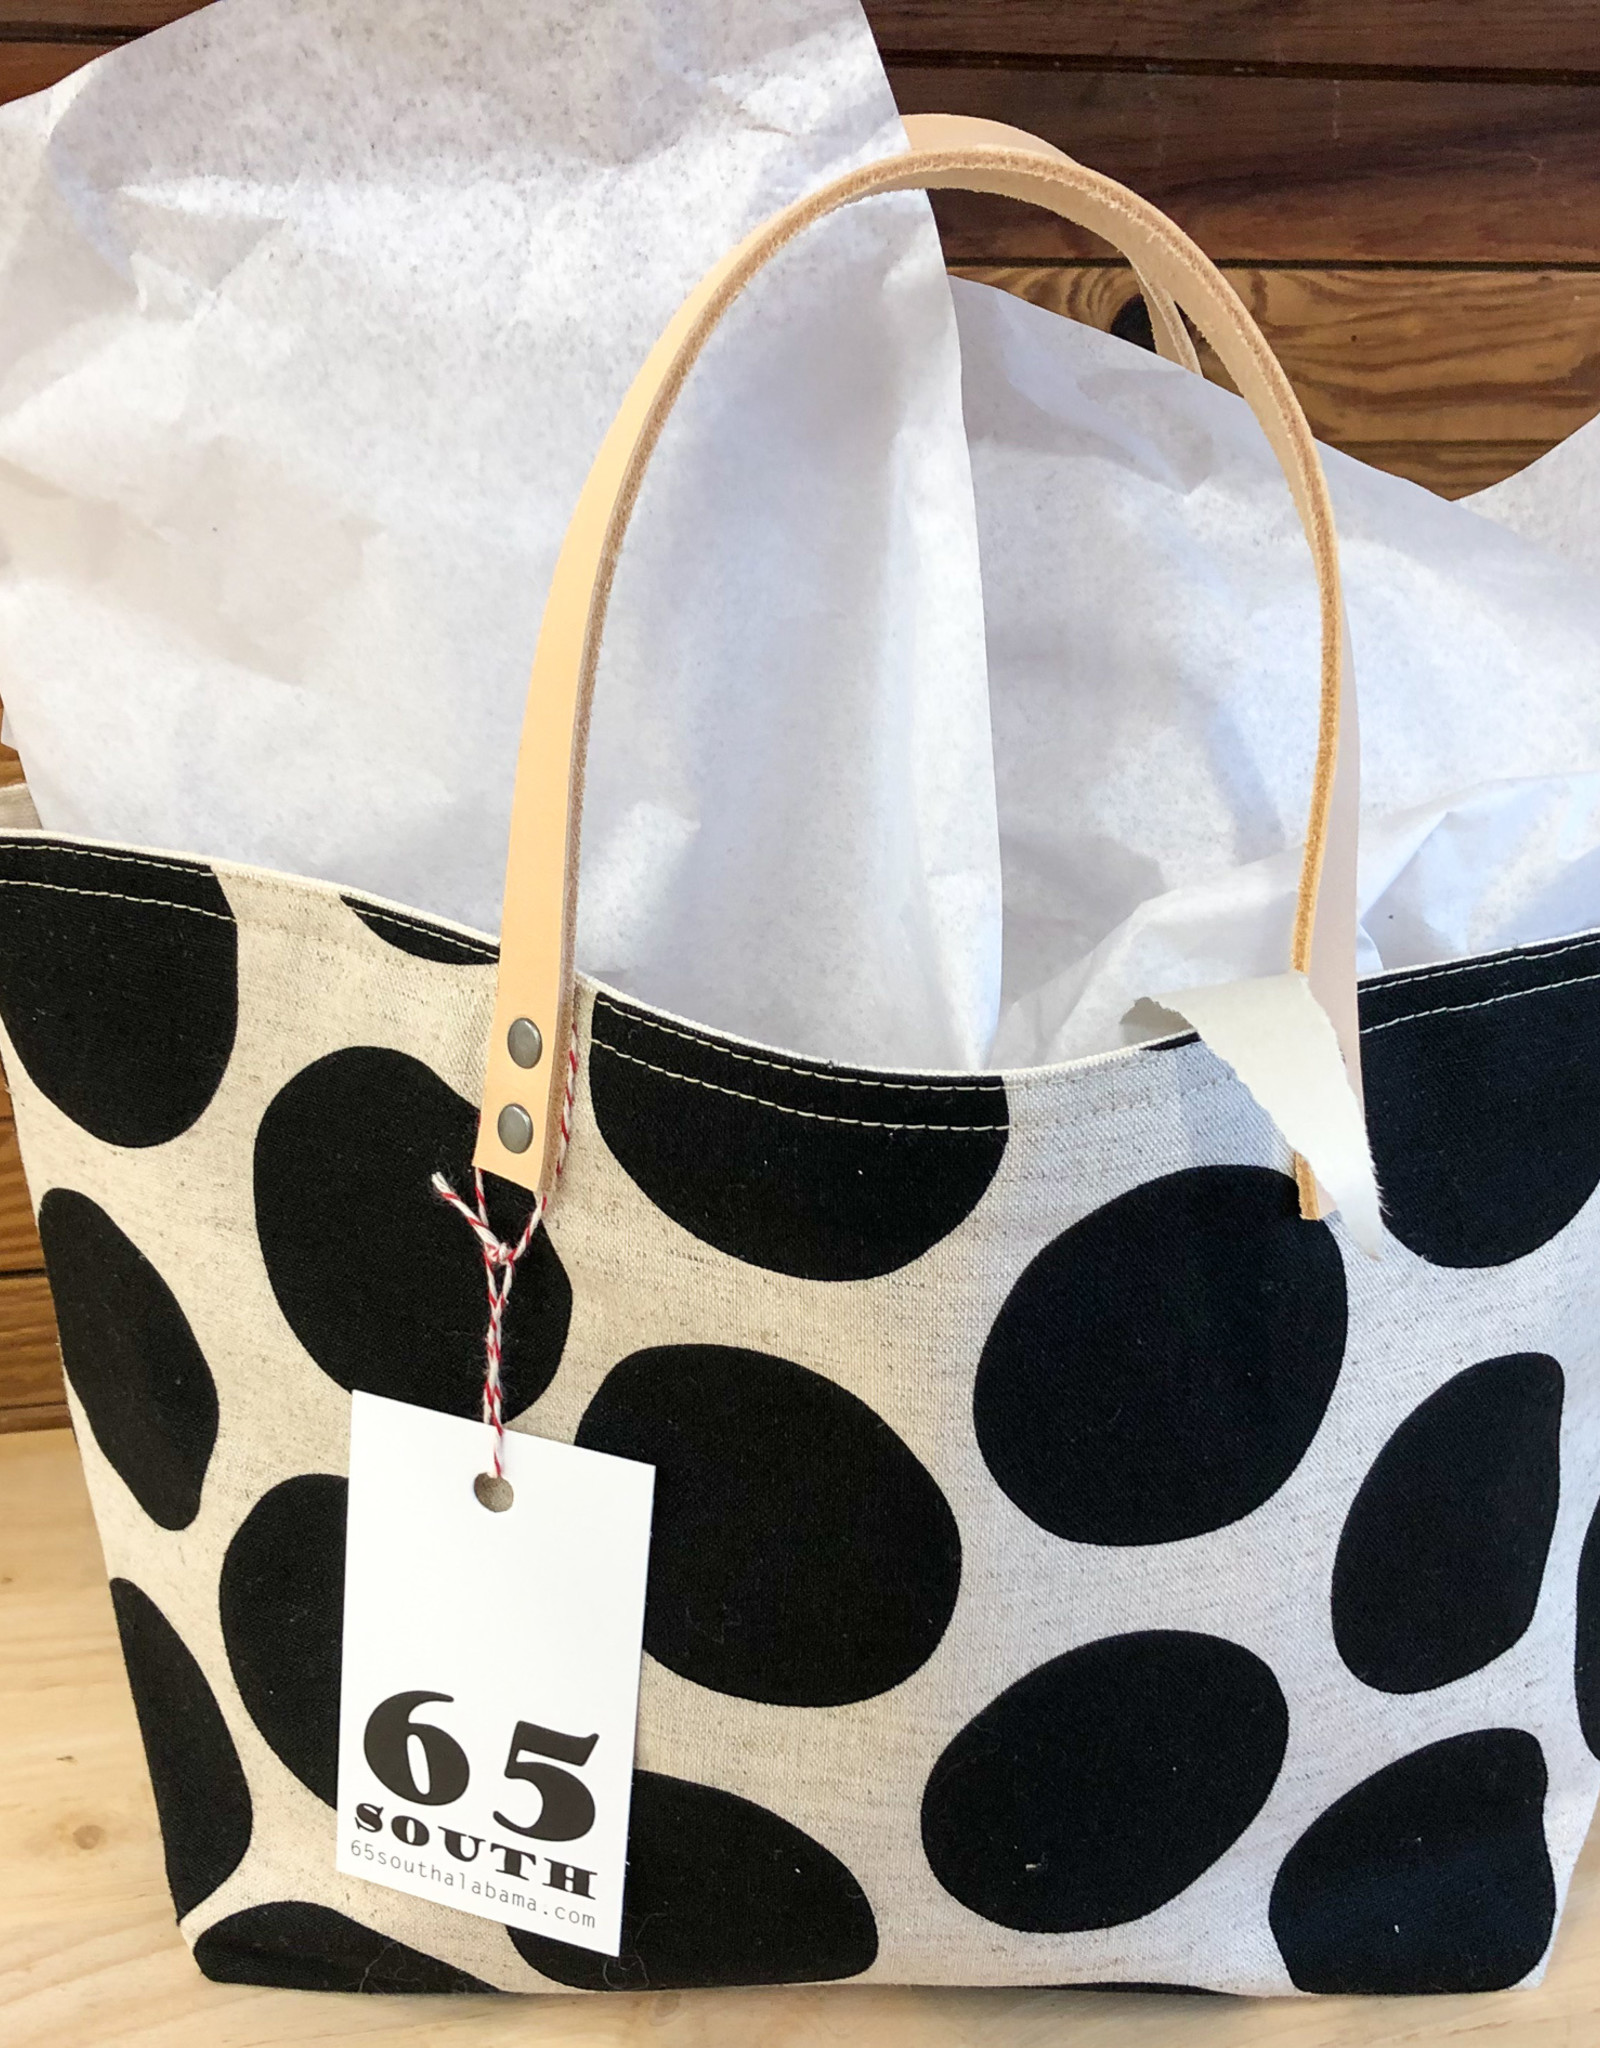 65SouthBags Canoe Bag